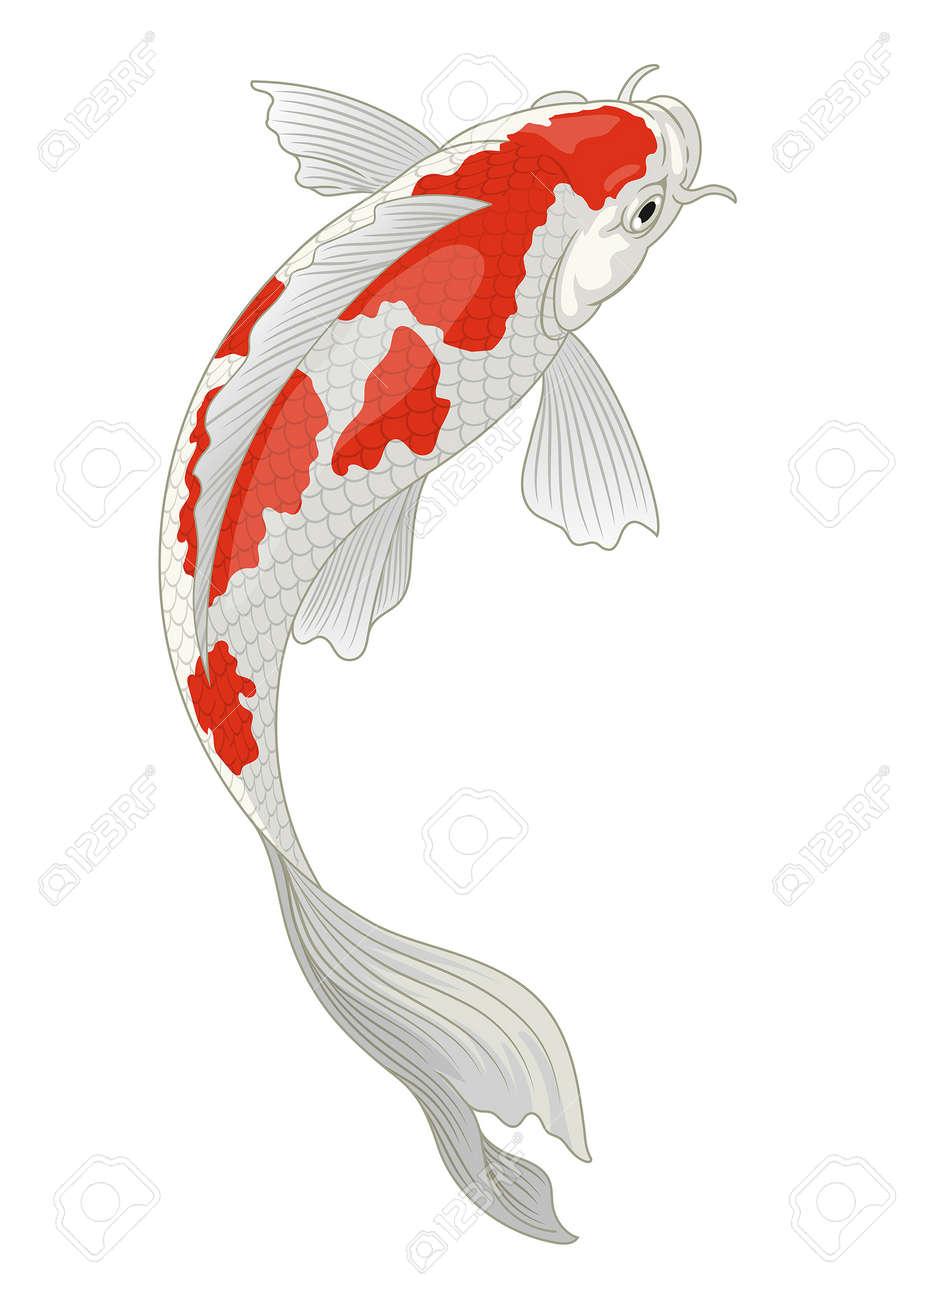 koi fish japan in red and white kohaku pattern - 163540149